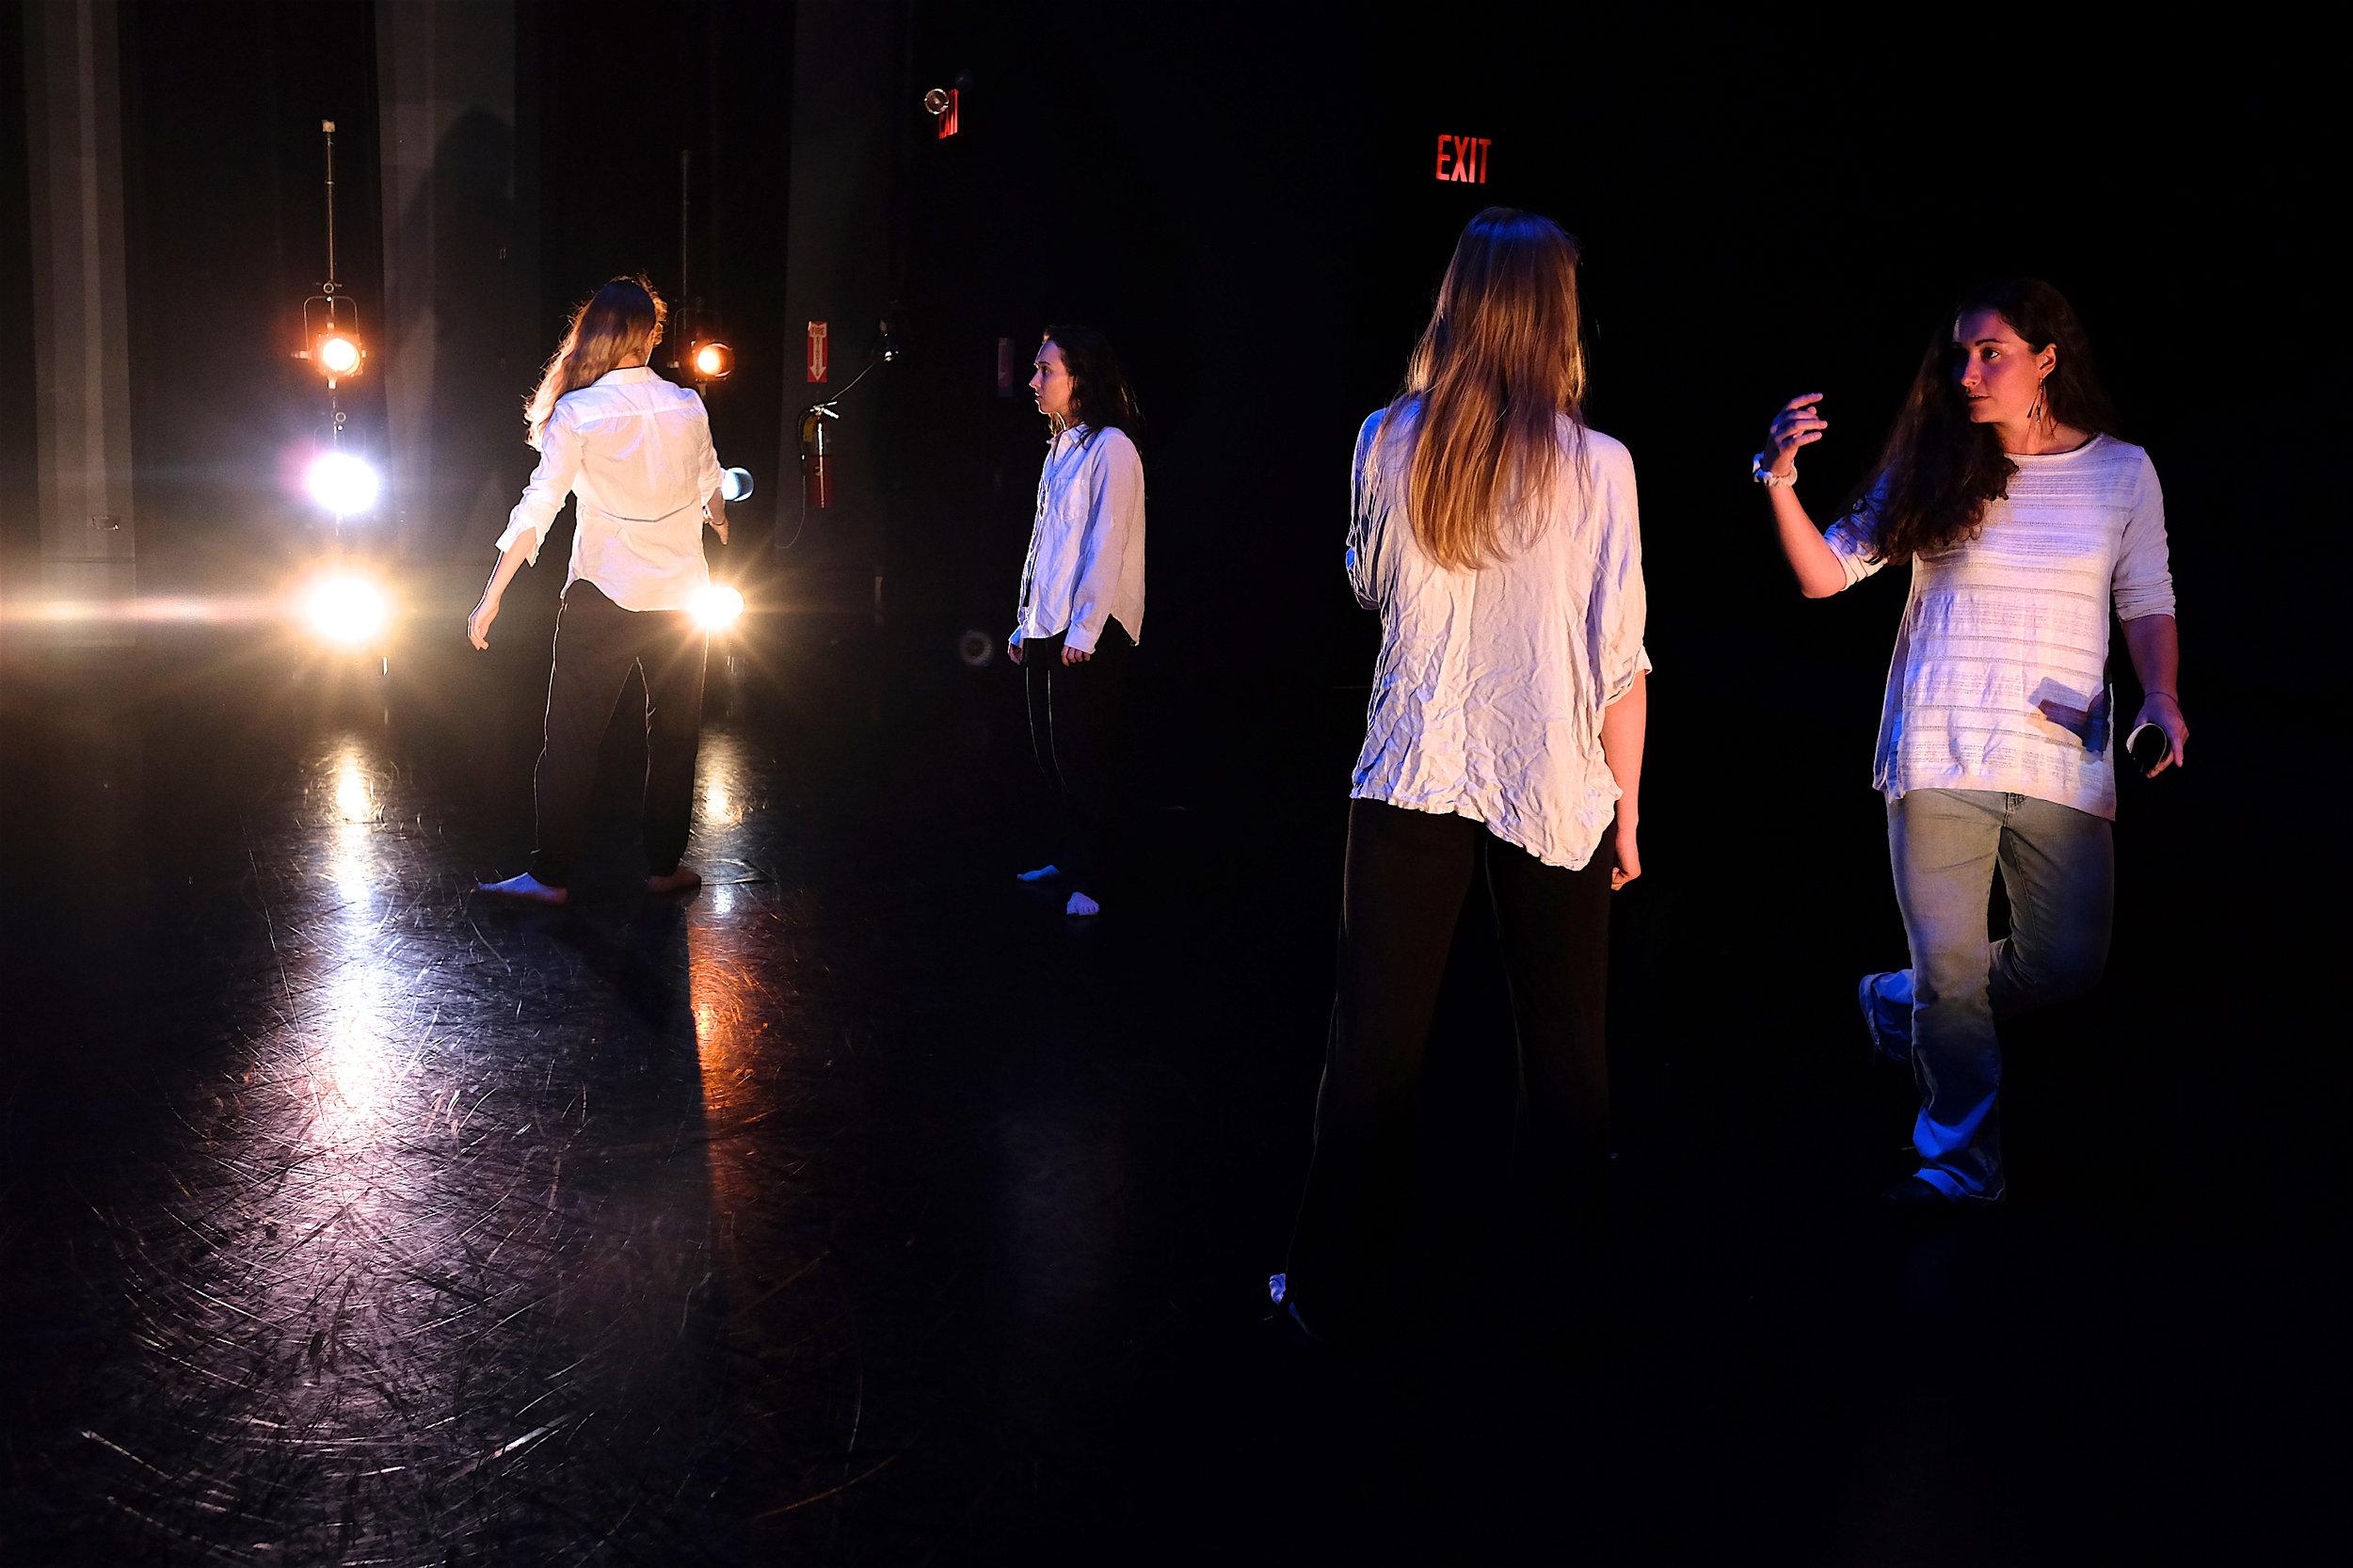 danse-she4she